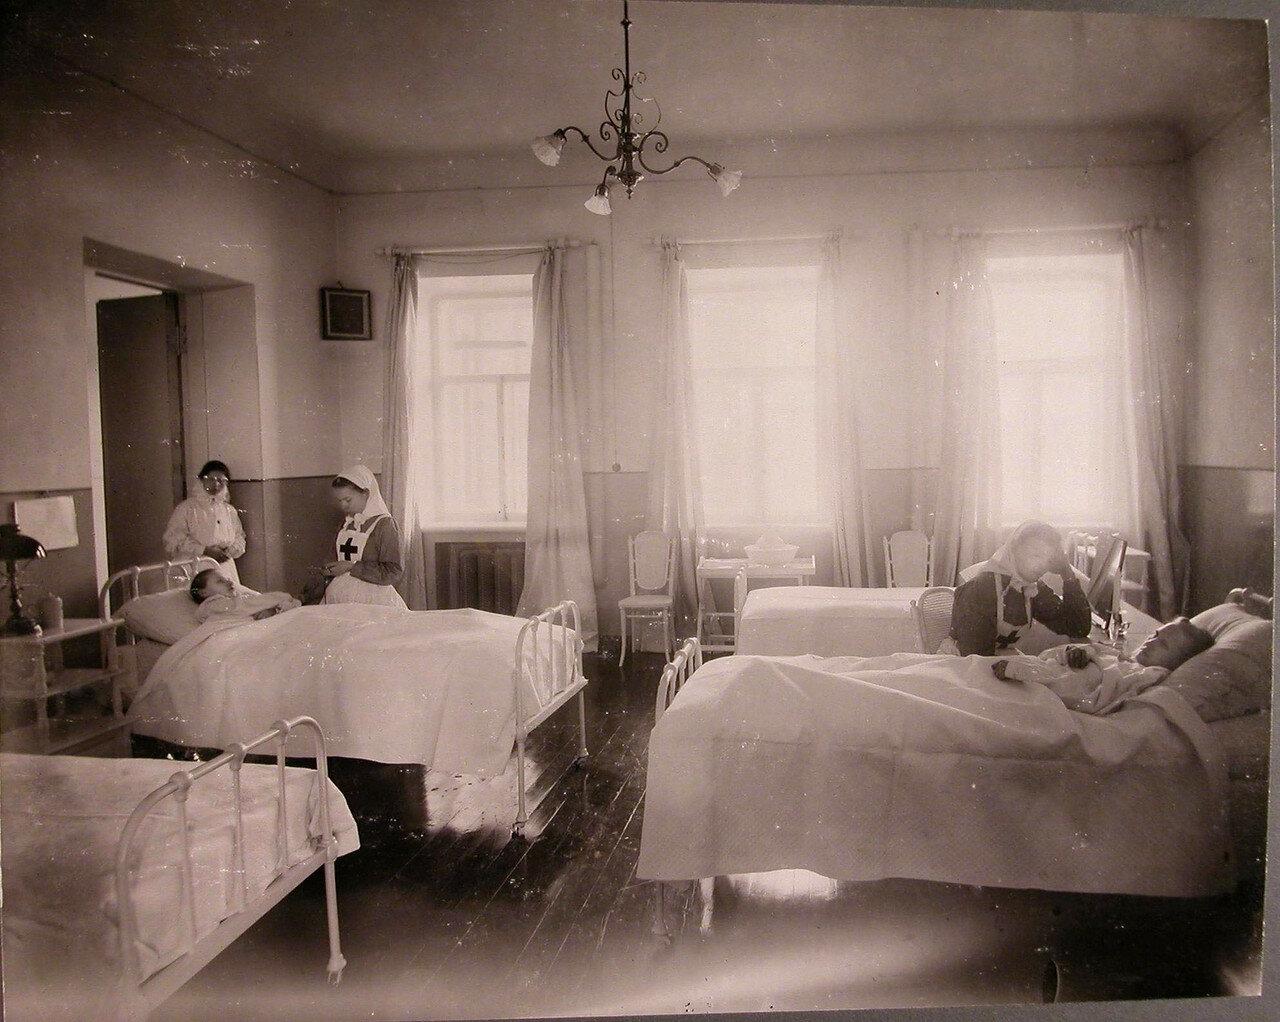 08. Сестры милосердия у постелей больных в общей палате лазарета общины